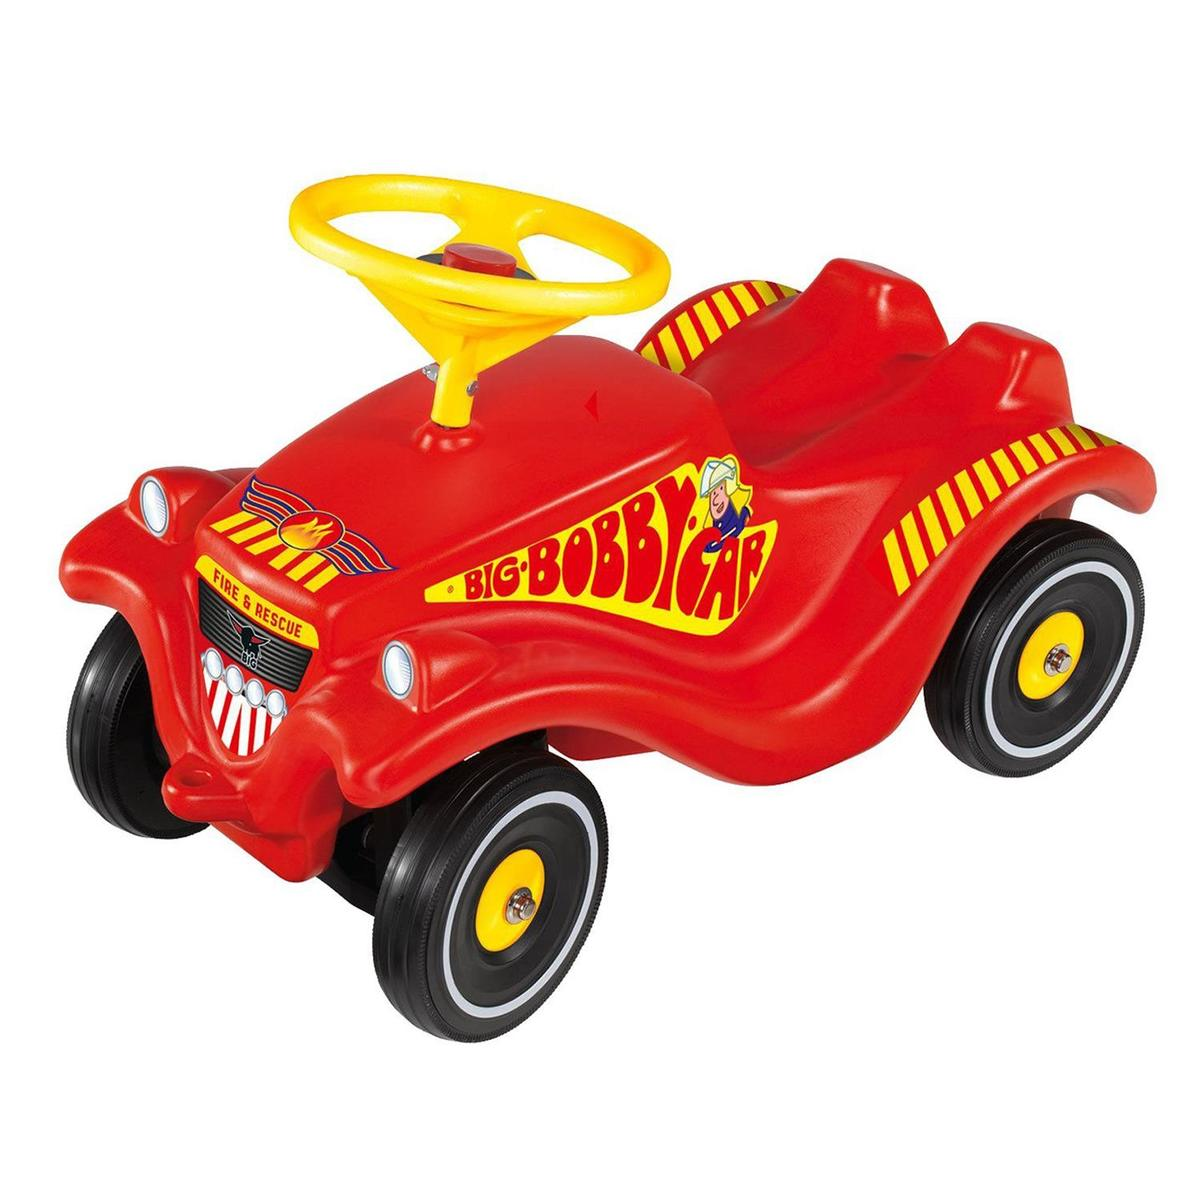 Bild 1 von BIG-Bobby-Car Feuerwehr mit Flüsterreifen